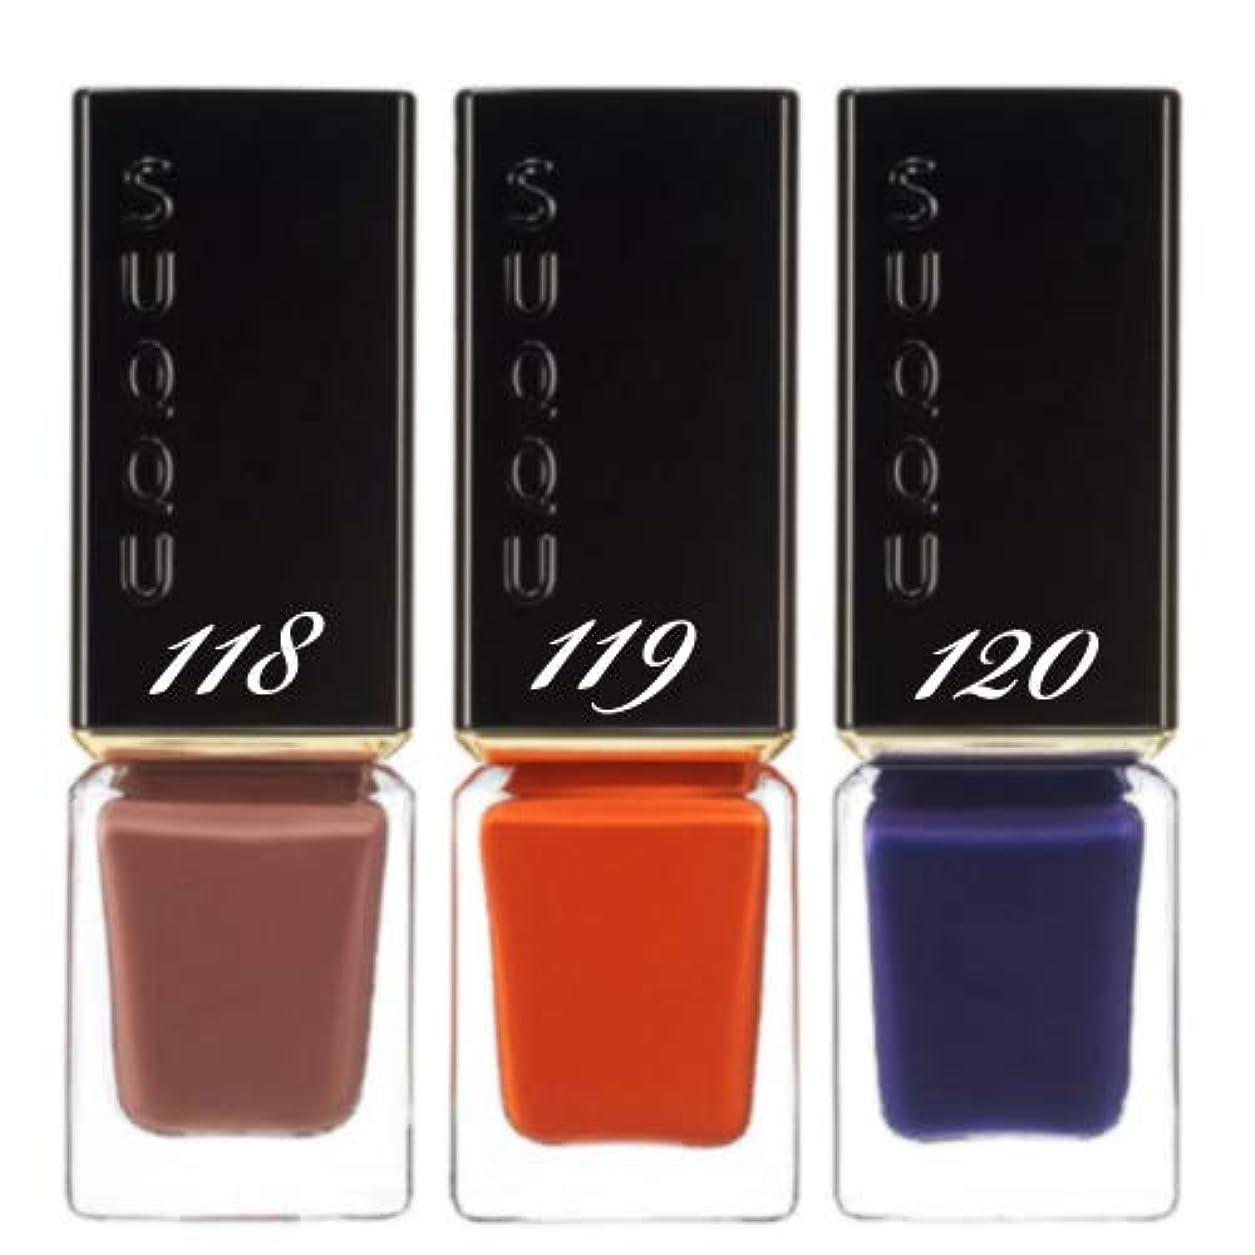 サイバースペース泥減衰SUQQU(スック) ネイル カラー ポリッシュ (秋冬限定色) 7.5m (118 鈍砂)